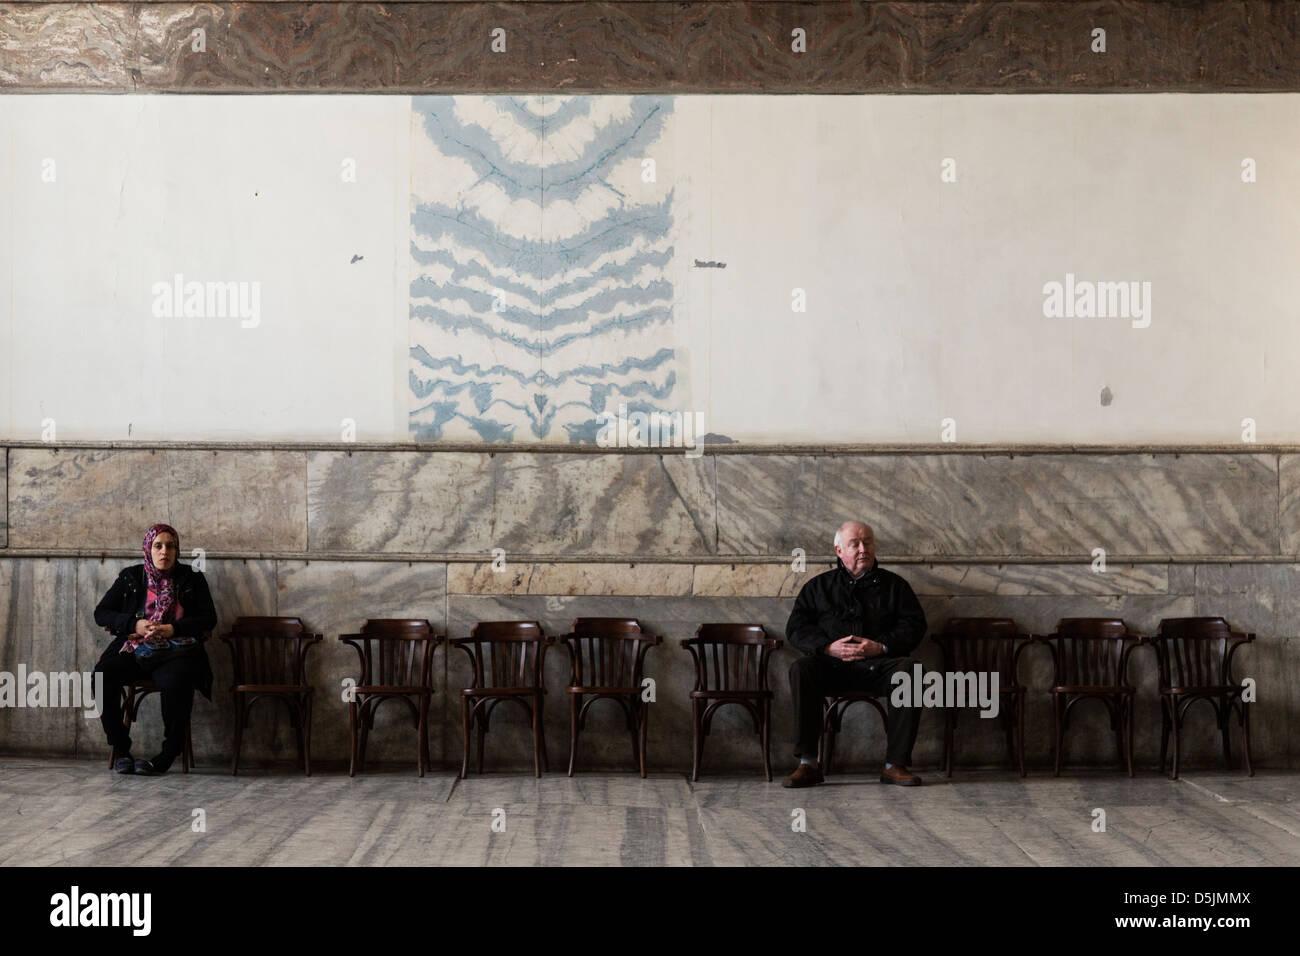 Touristen sitzen auf den sitzen in der Hagia Sophia Museum, Istanbul, Türkei. Stockbild